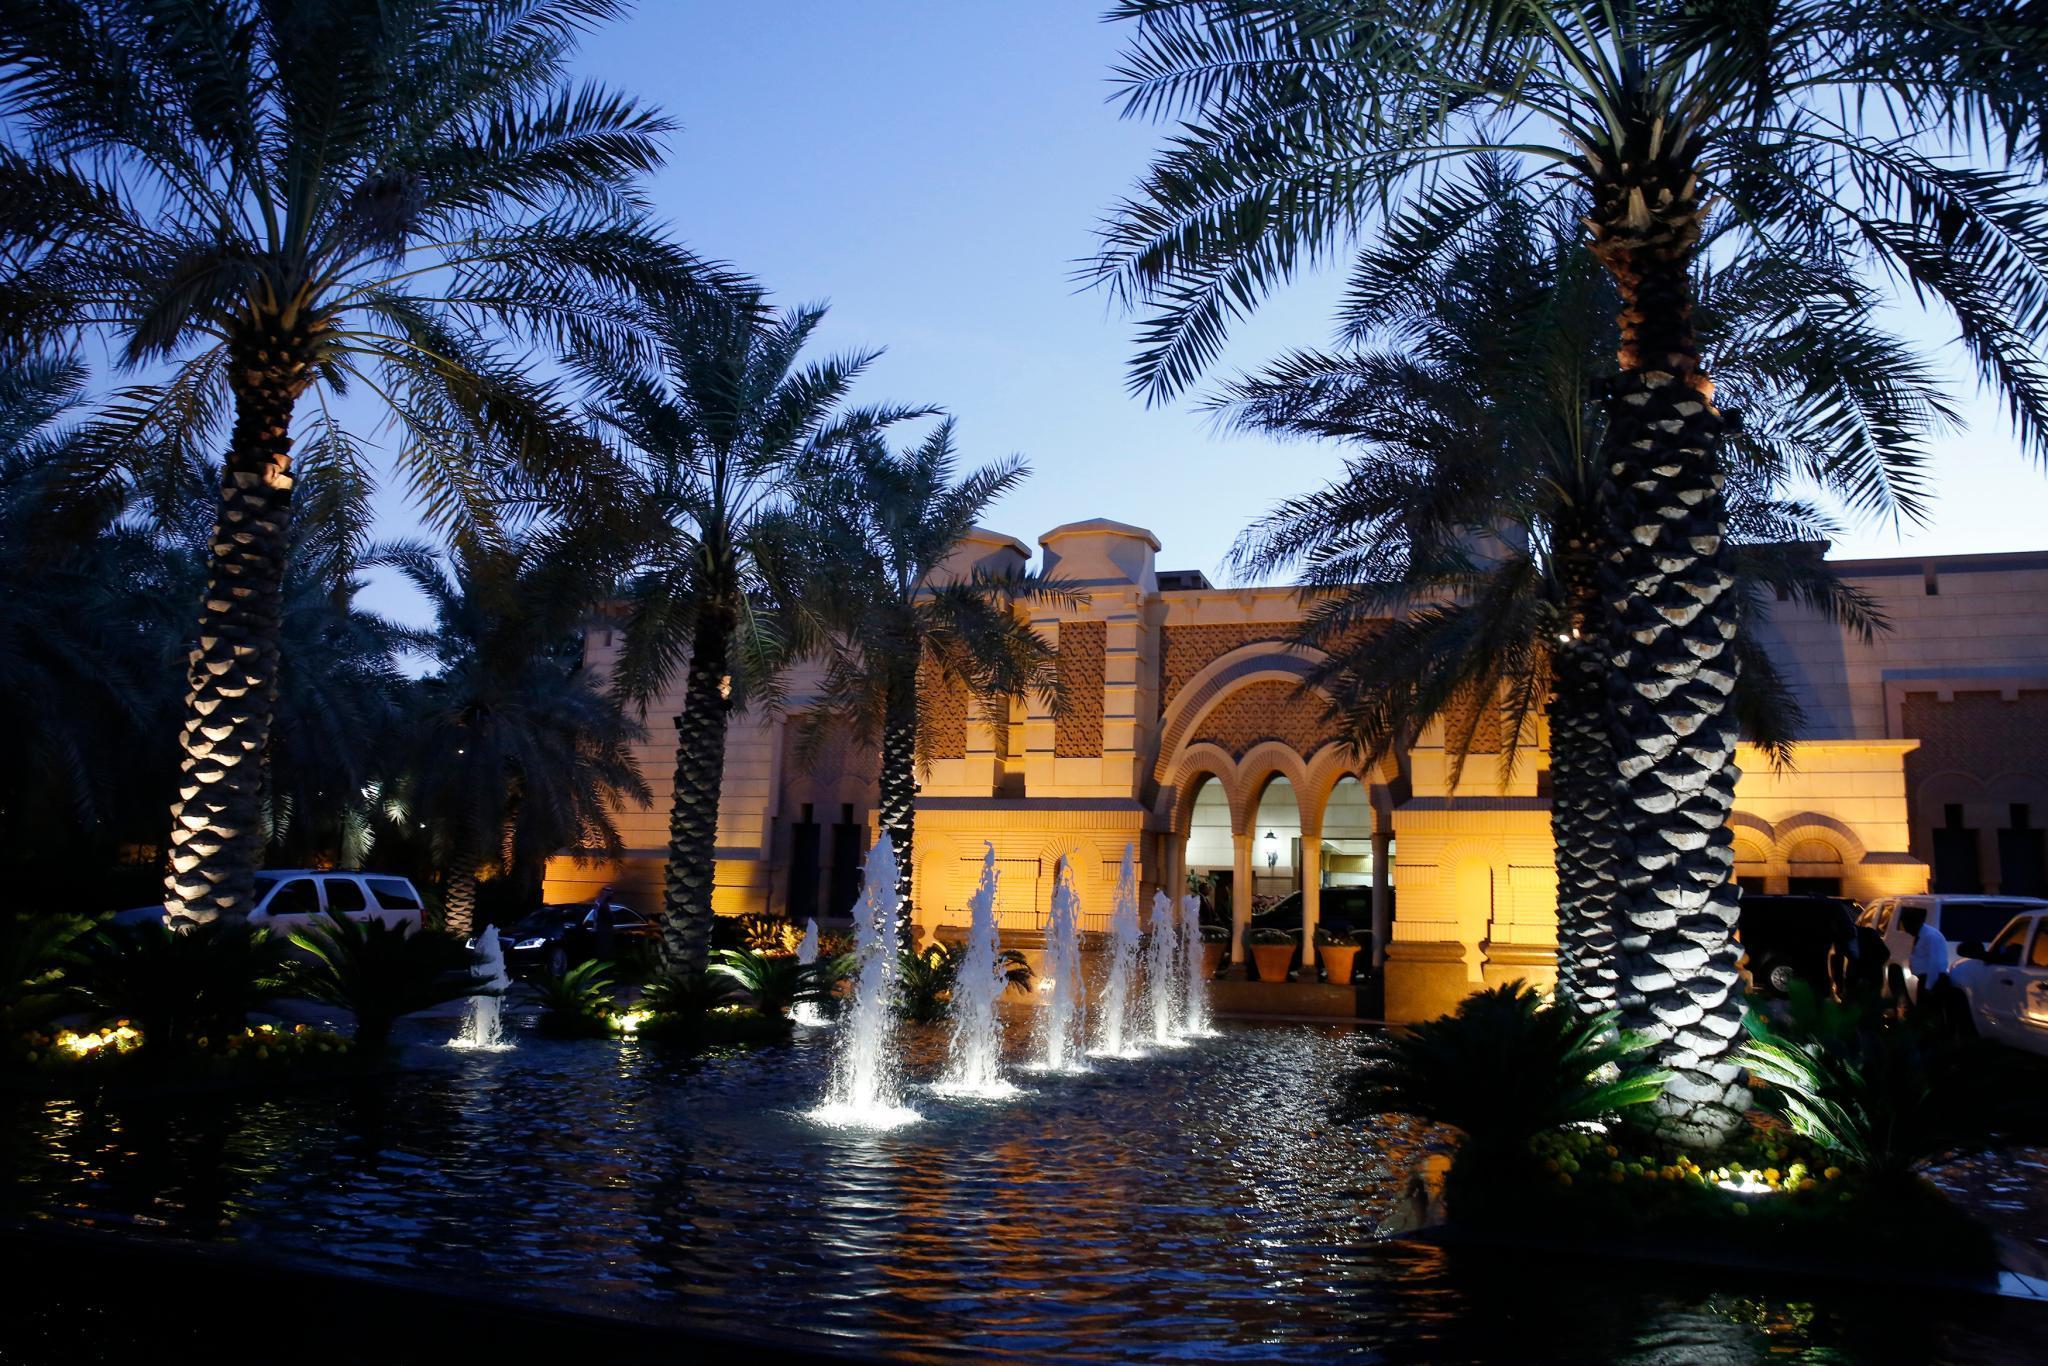 Der Erga-Palast in Riyadh bei Sonnenuntergang - er gehört zu den Palästen der saudischen Königsfamilie.